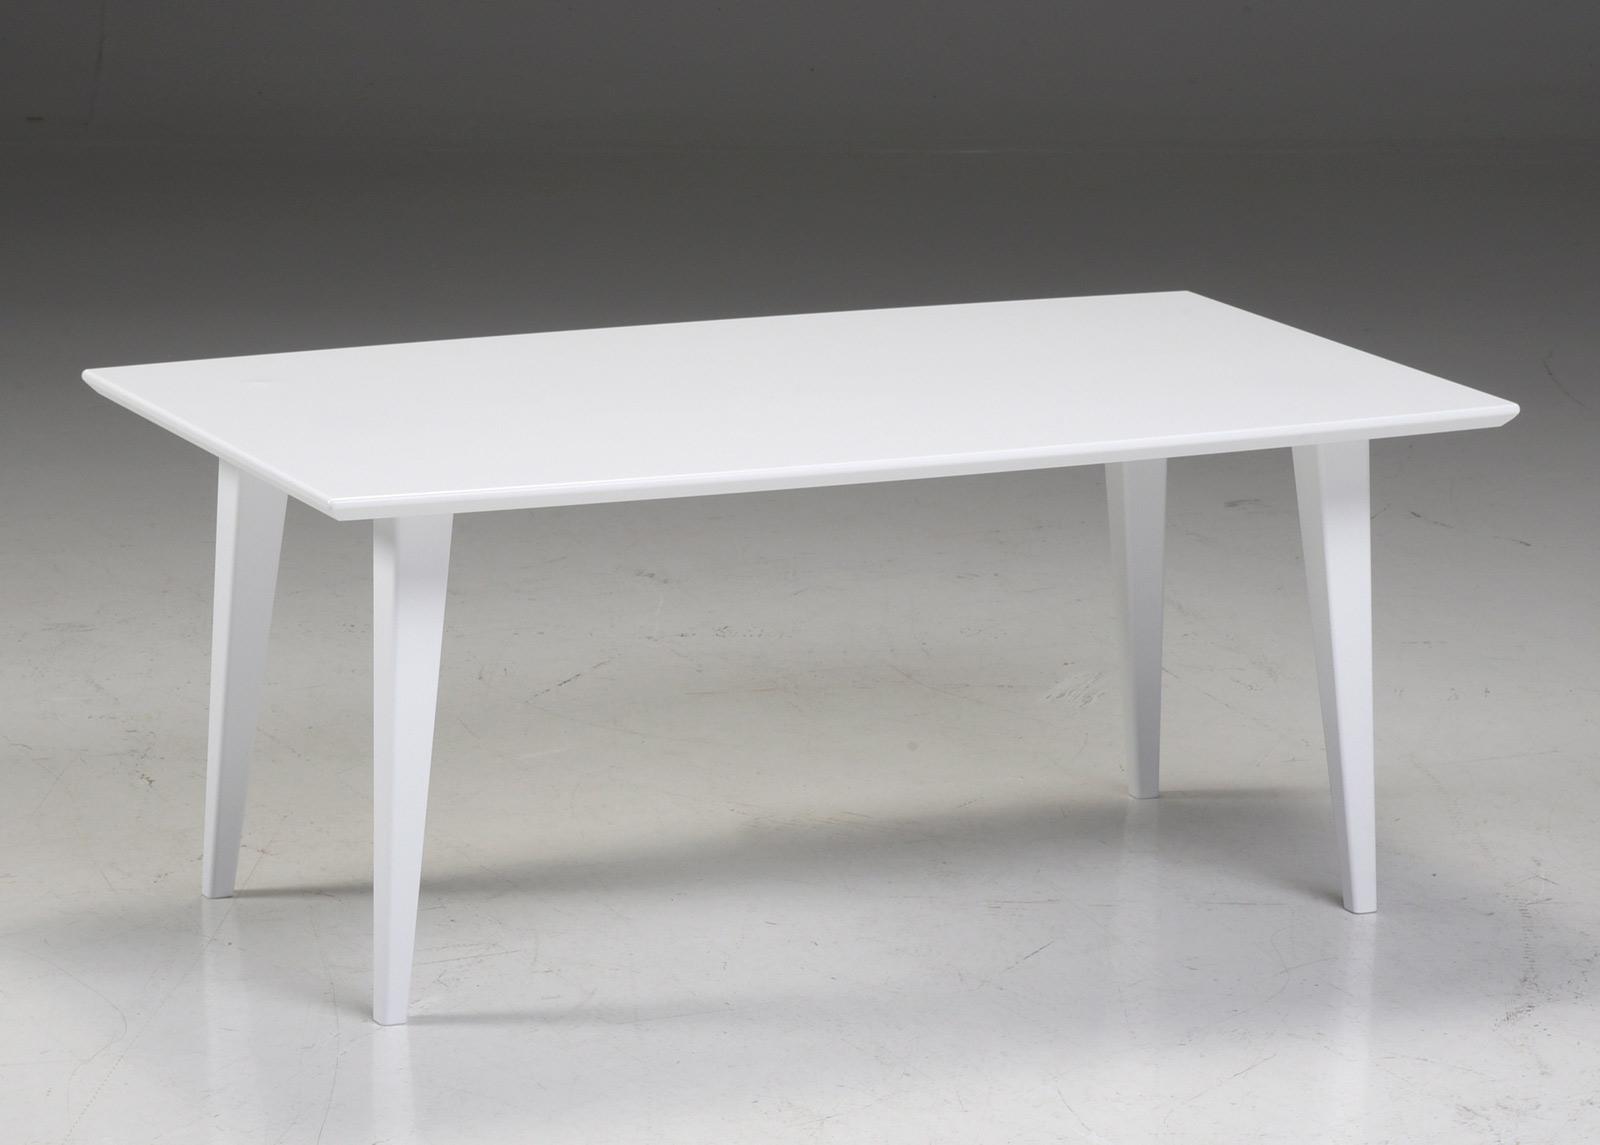 Sohvapöytä Elli 100x60 cm